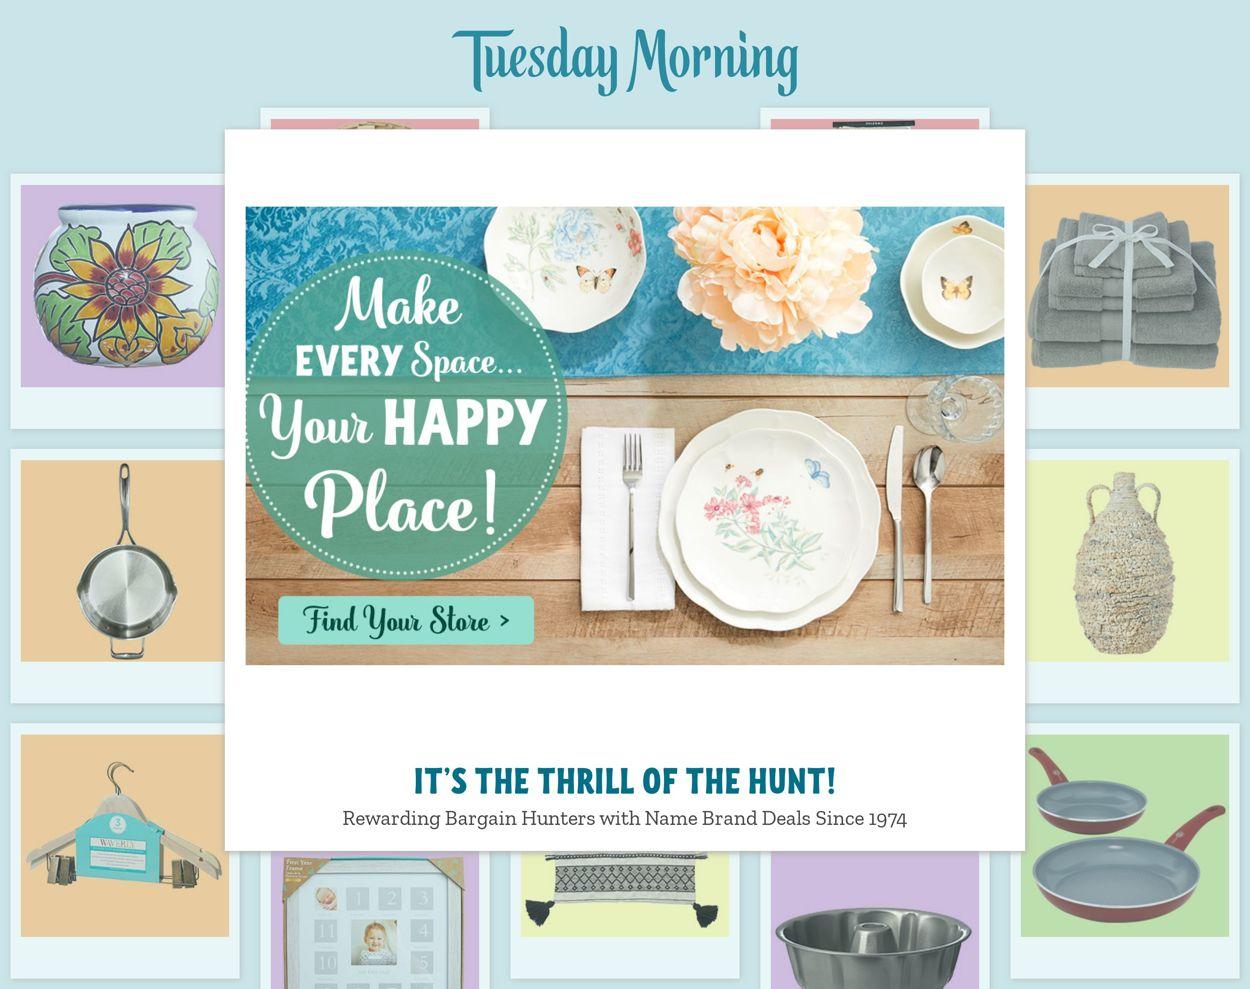 Tuesday Morning Weekly Ad Circular - valid 03/04-03/10/2021